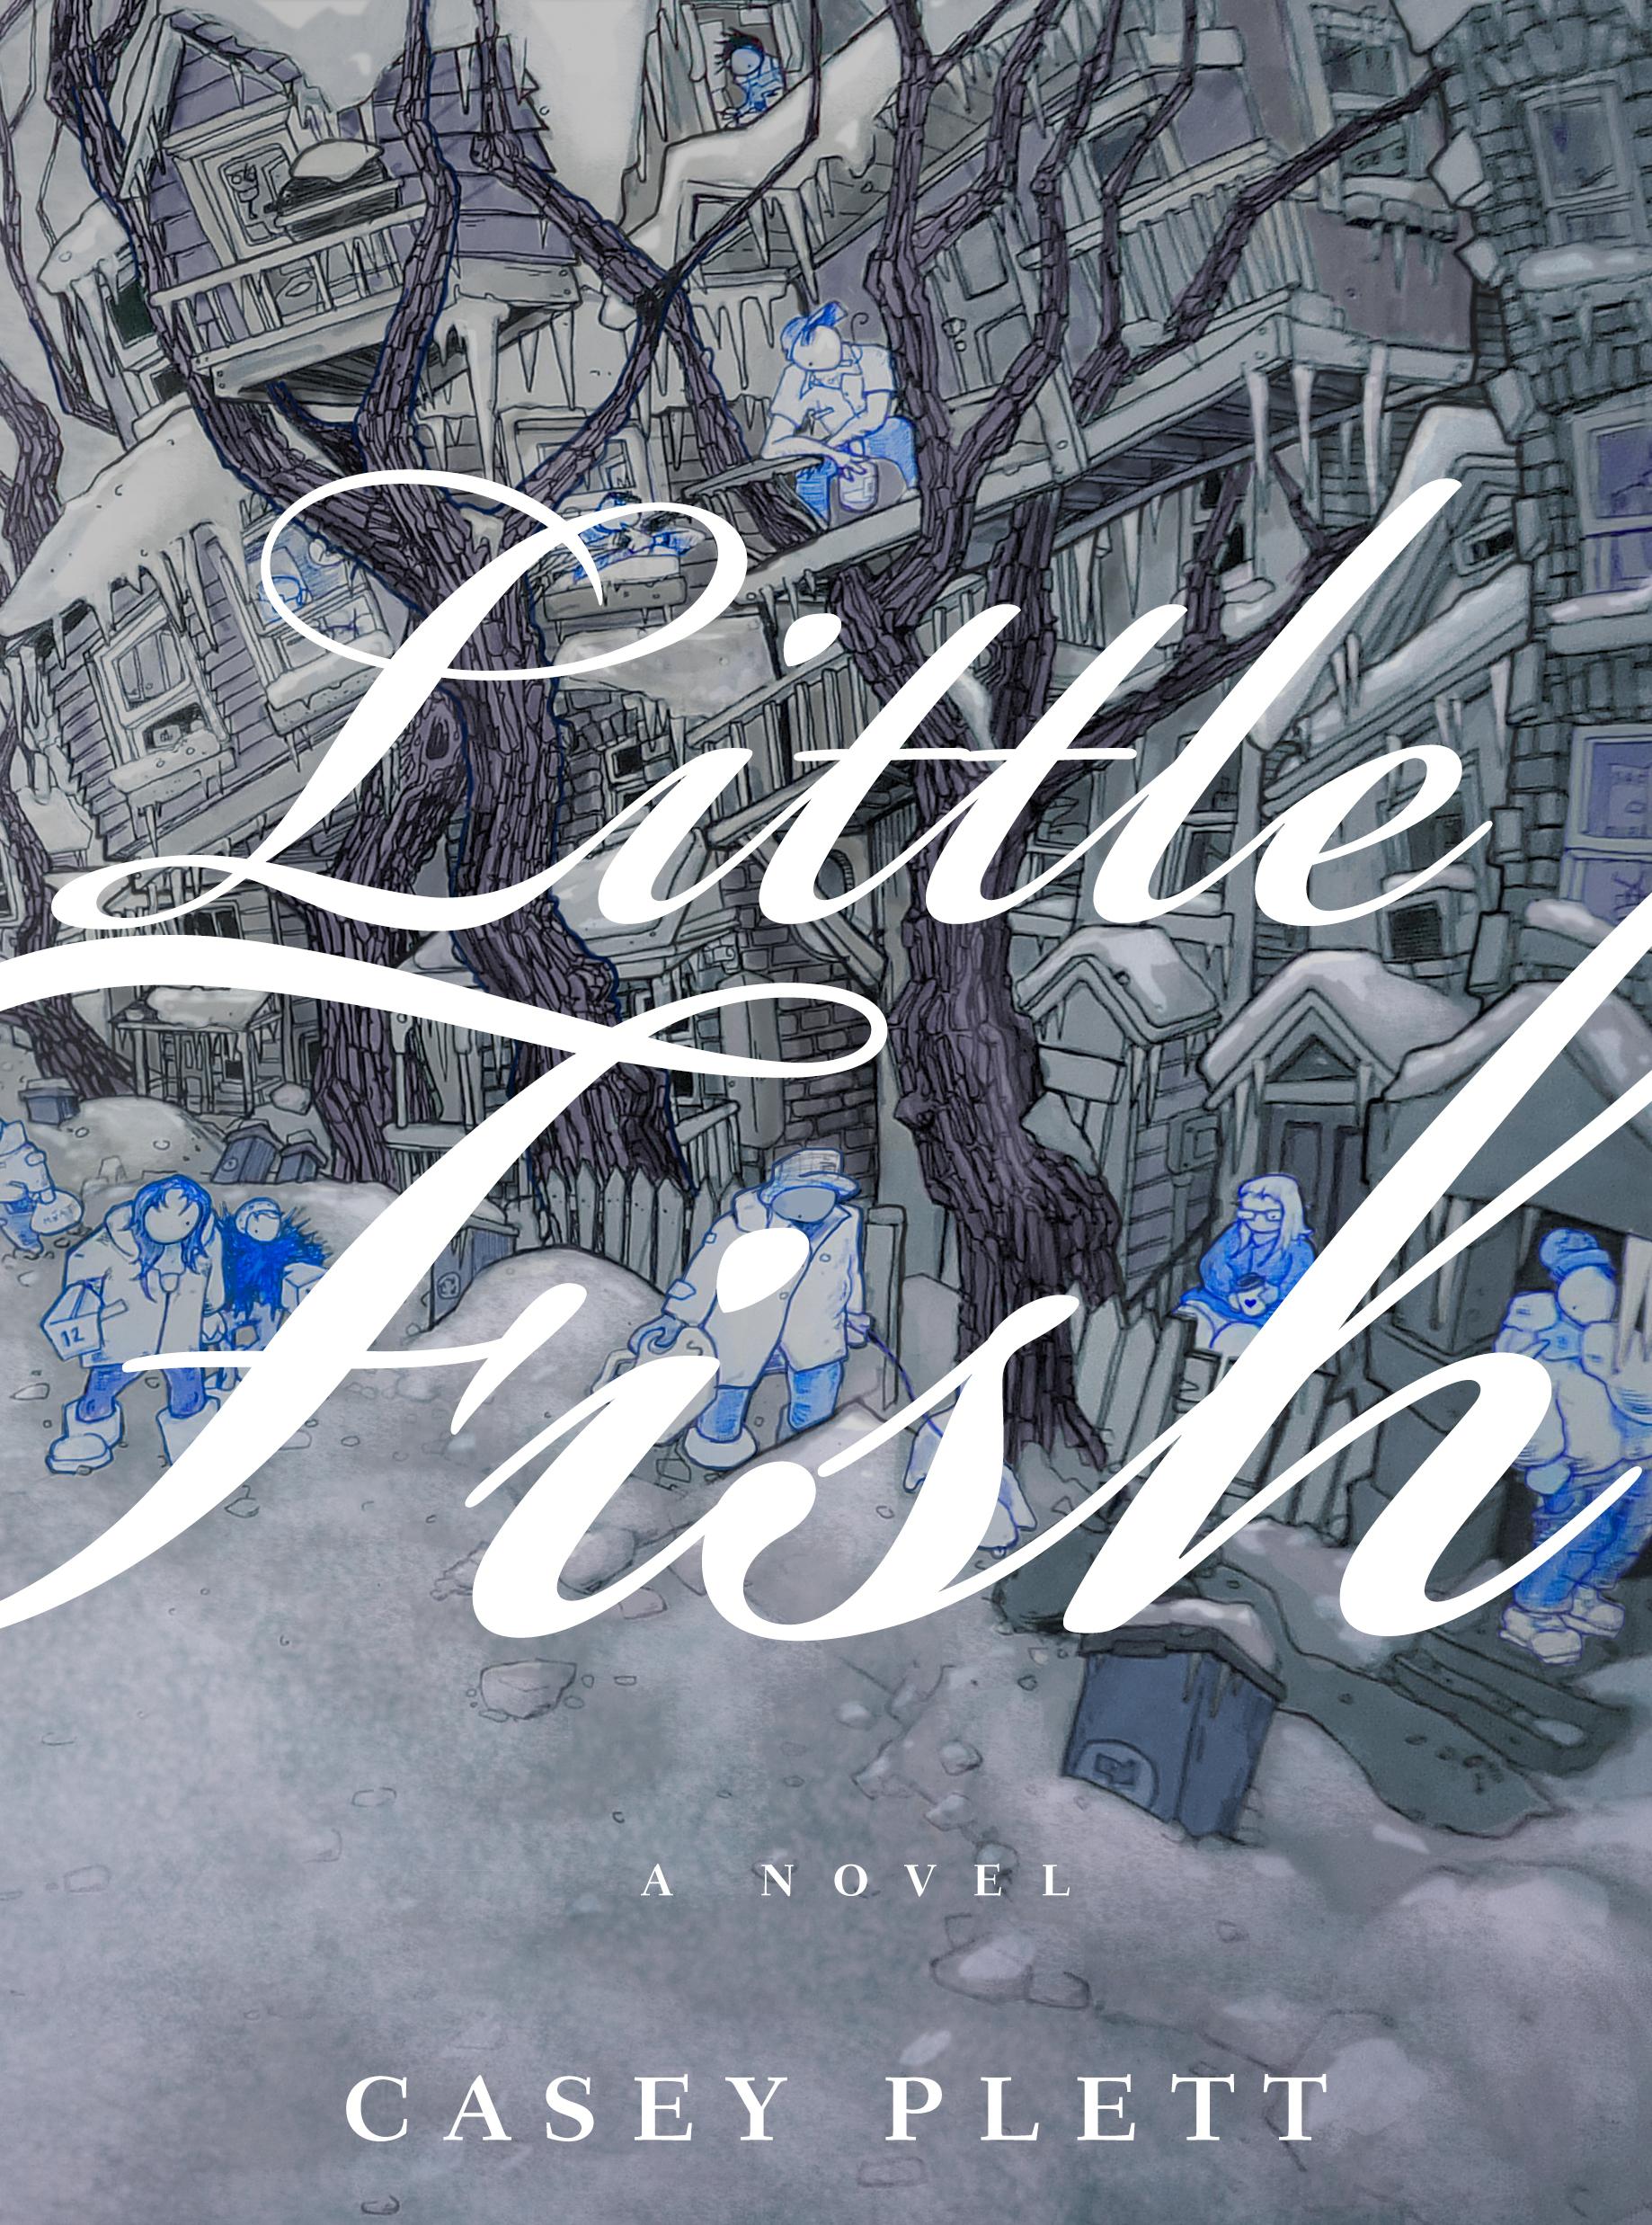 Casey Plett.  Little Fish . Arsenal Pulp Press, $19.95, 320 pp., ISBN:9781551527208